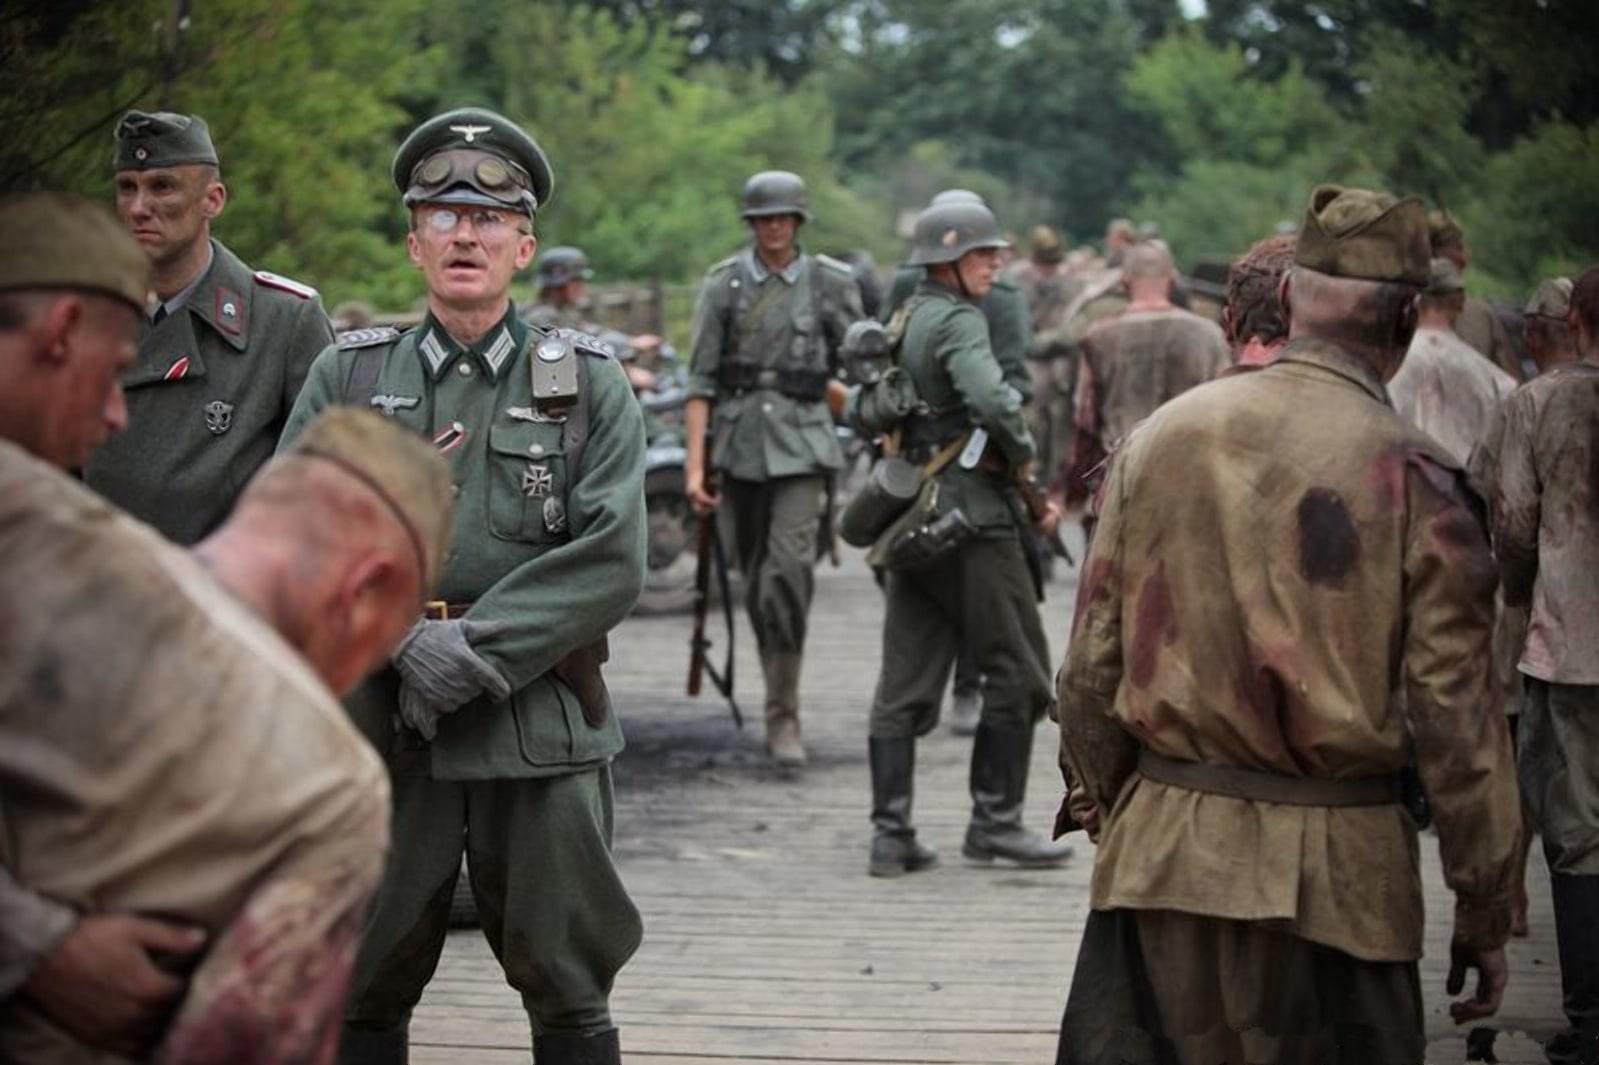 Возле тюрьмы немцы не дождались советских военнопленных